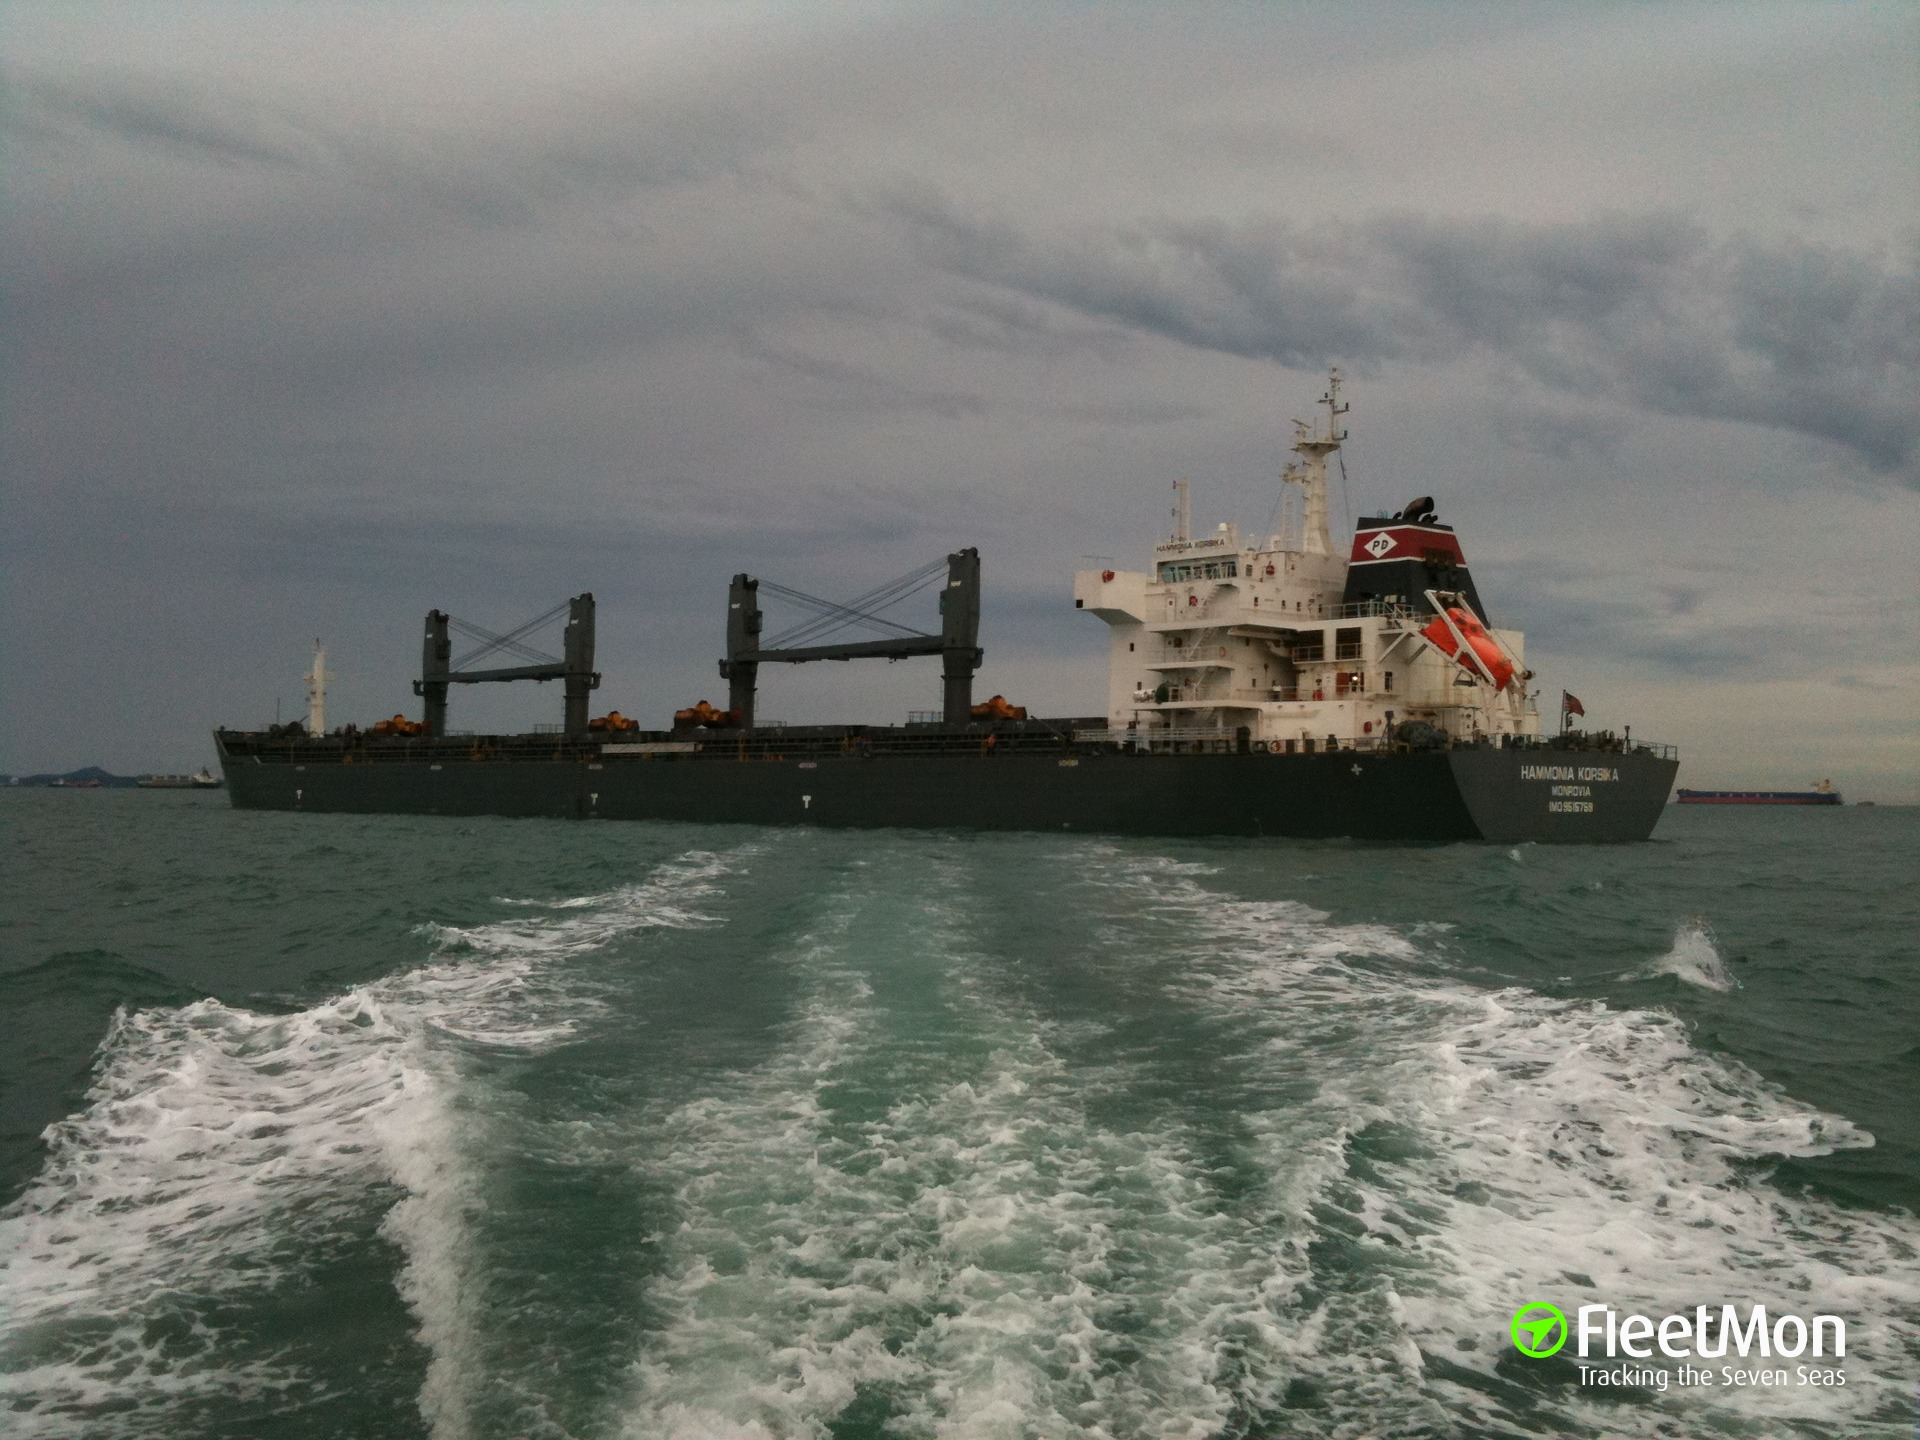 Bulk carrier on fire, Gwangyang, Korea - Update